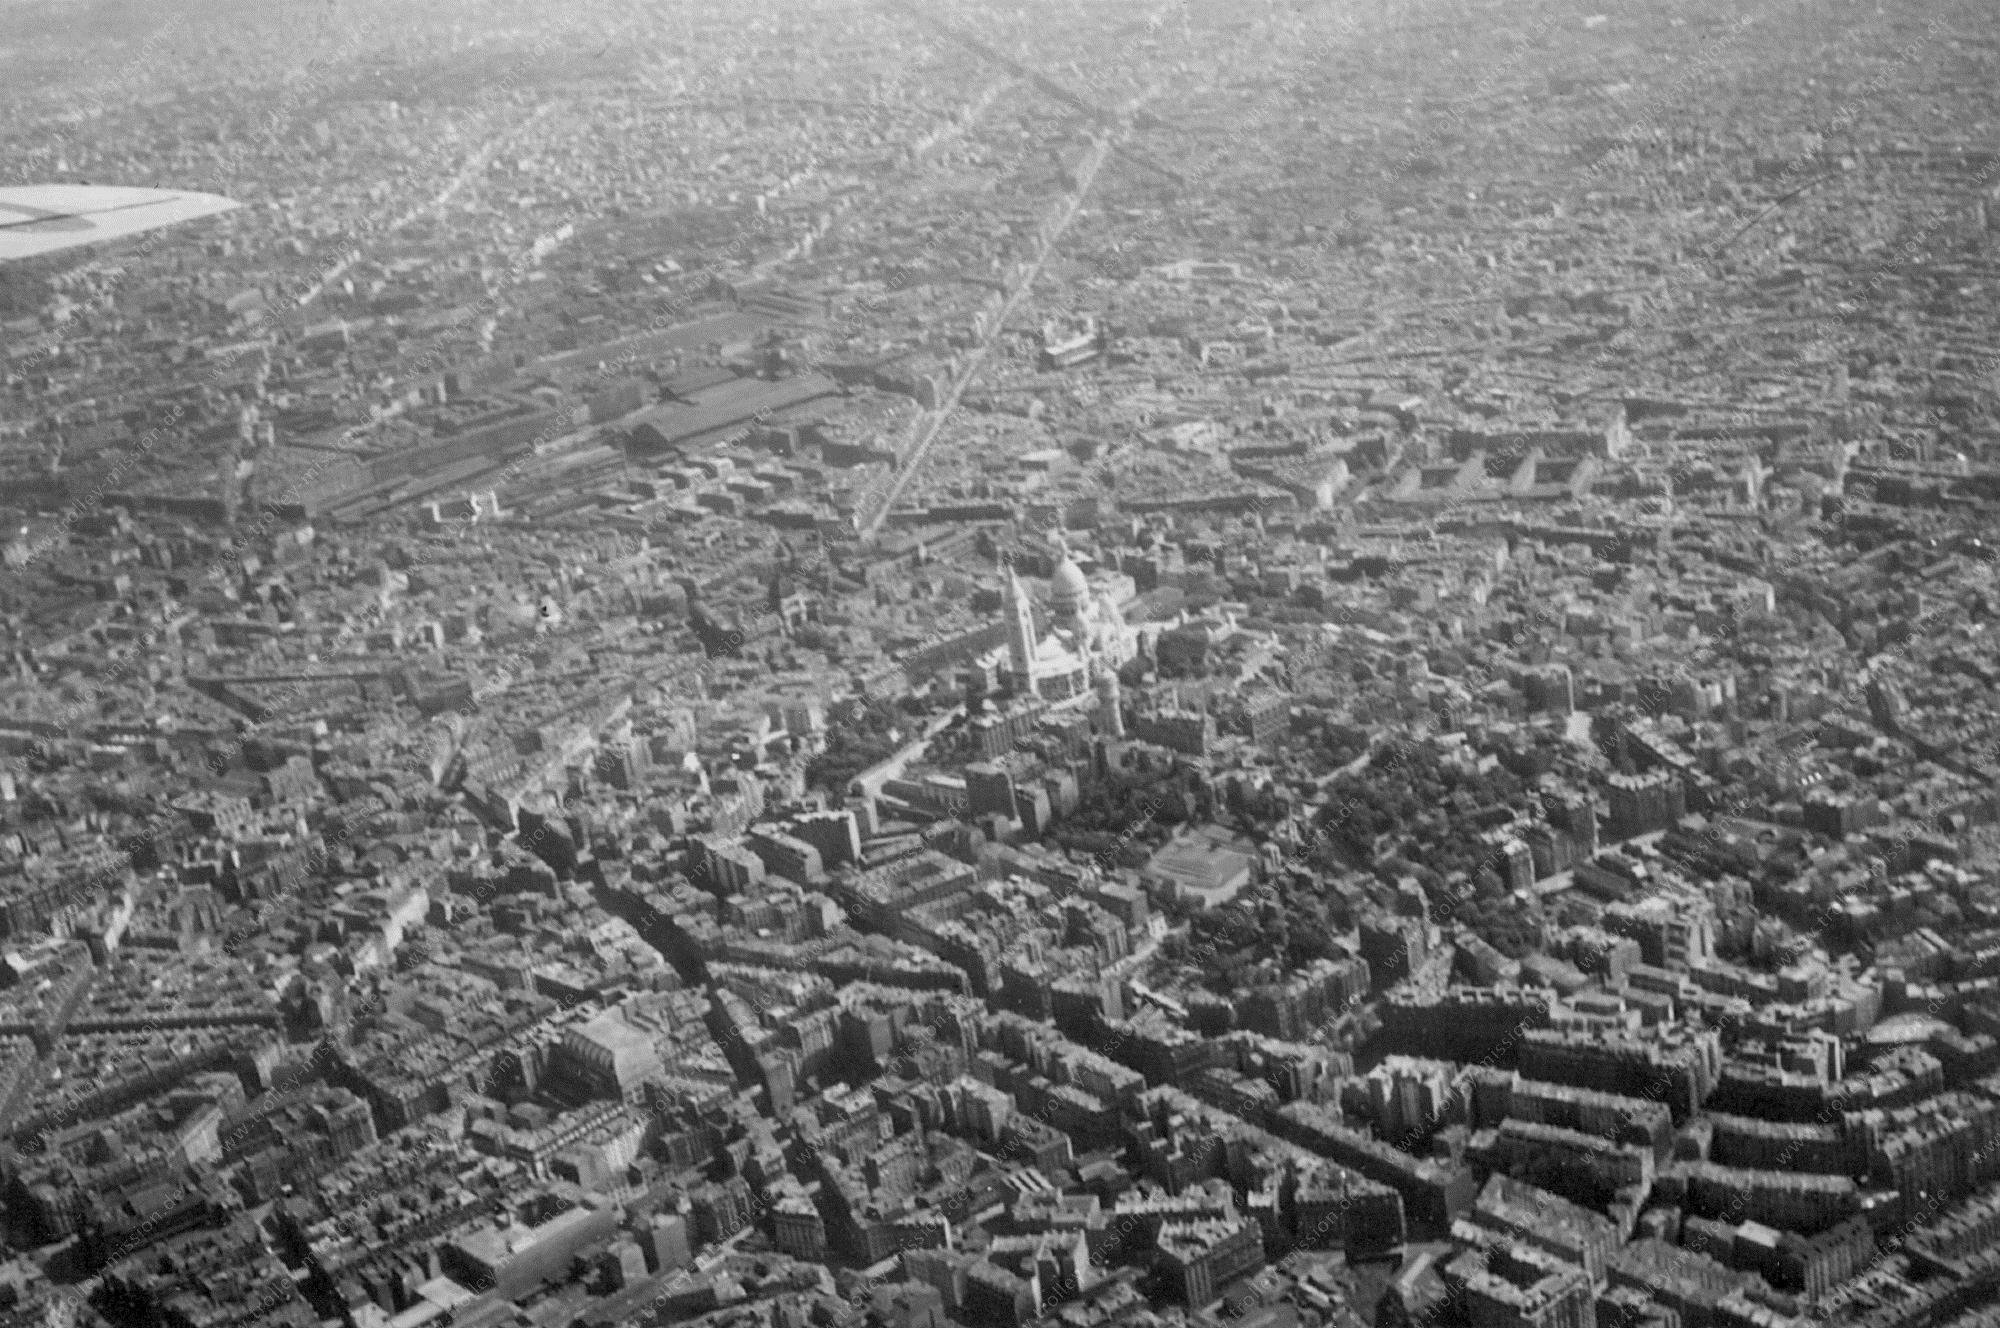 Paris Luftbild aus dem Weltkrieg von der Basilika Sacré-Cœur auf dem Montmartre (Frankreich)